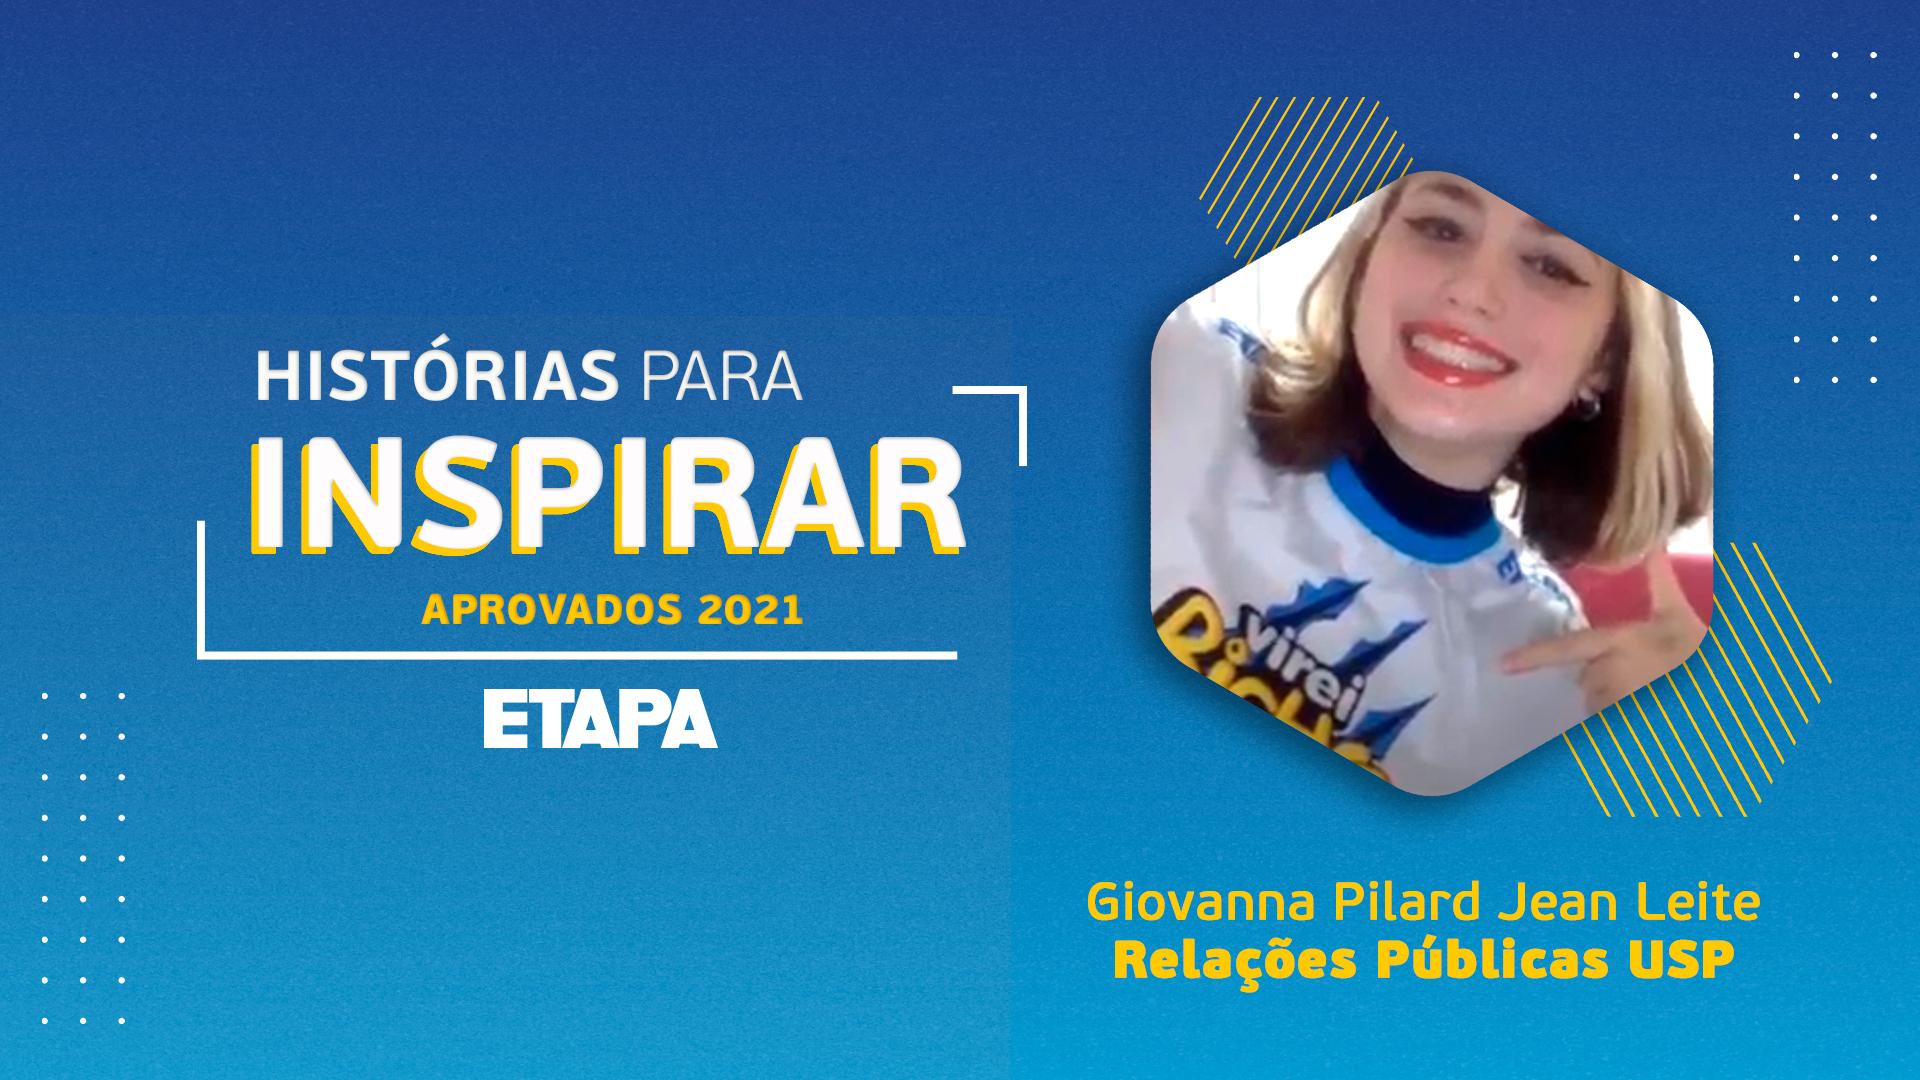 Histórias para inspirar: Giovanna Pilard Jean Leite